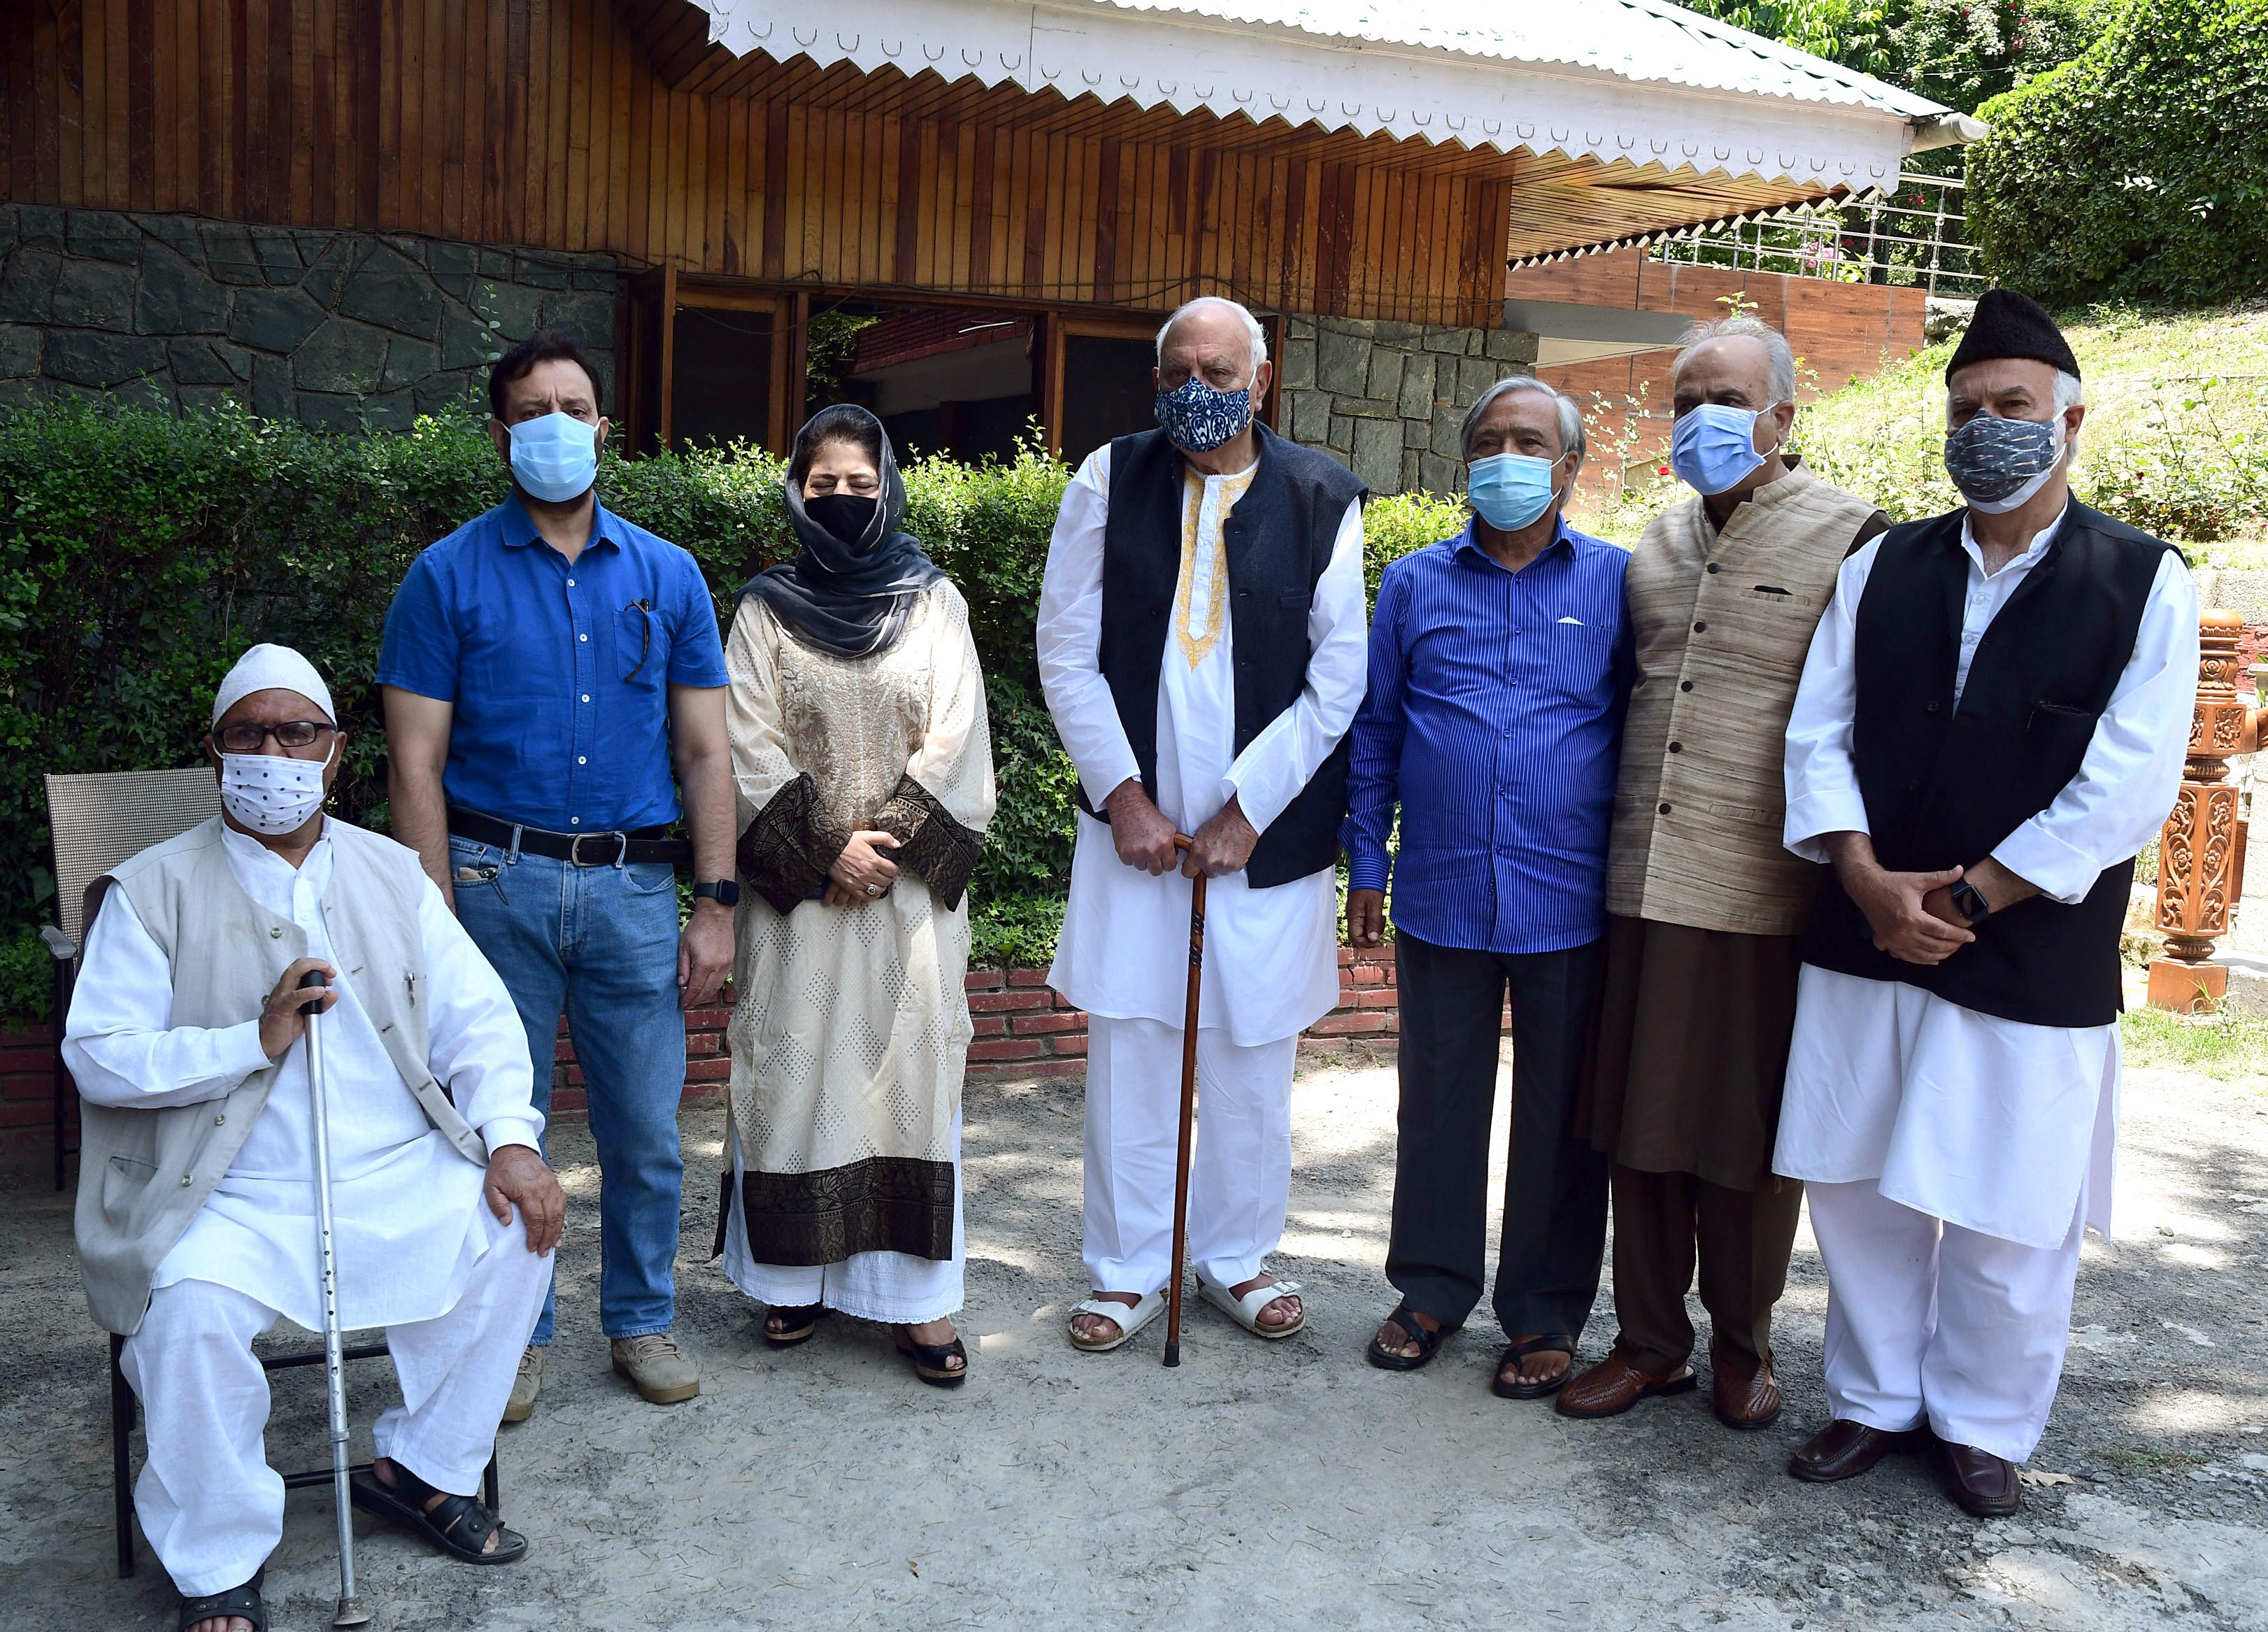 पीपुल्स अलायंस फॉर गुपकार डिक्लेरेशन की श्रीनगर में हुई बैठक में फारूक अब्दुल्ला, महबूबा मुफ्ती, मोहम्मद तारिगामी, गुपकार अलायंस के नेता मुजफ्फर शाह शामिल हुए। इन नेताओं ने तय किया कि मोदी-शाह की बैठक में भाग लेना चाहिए।